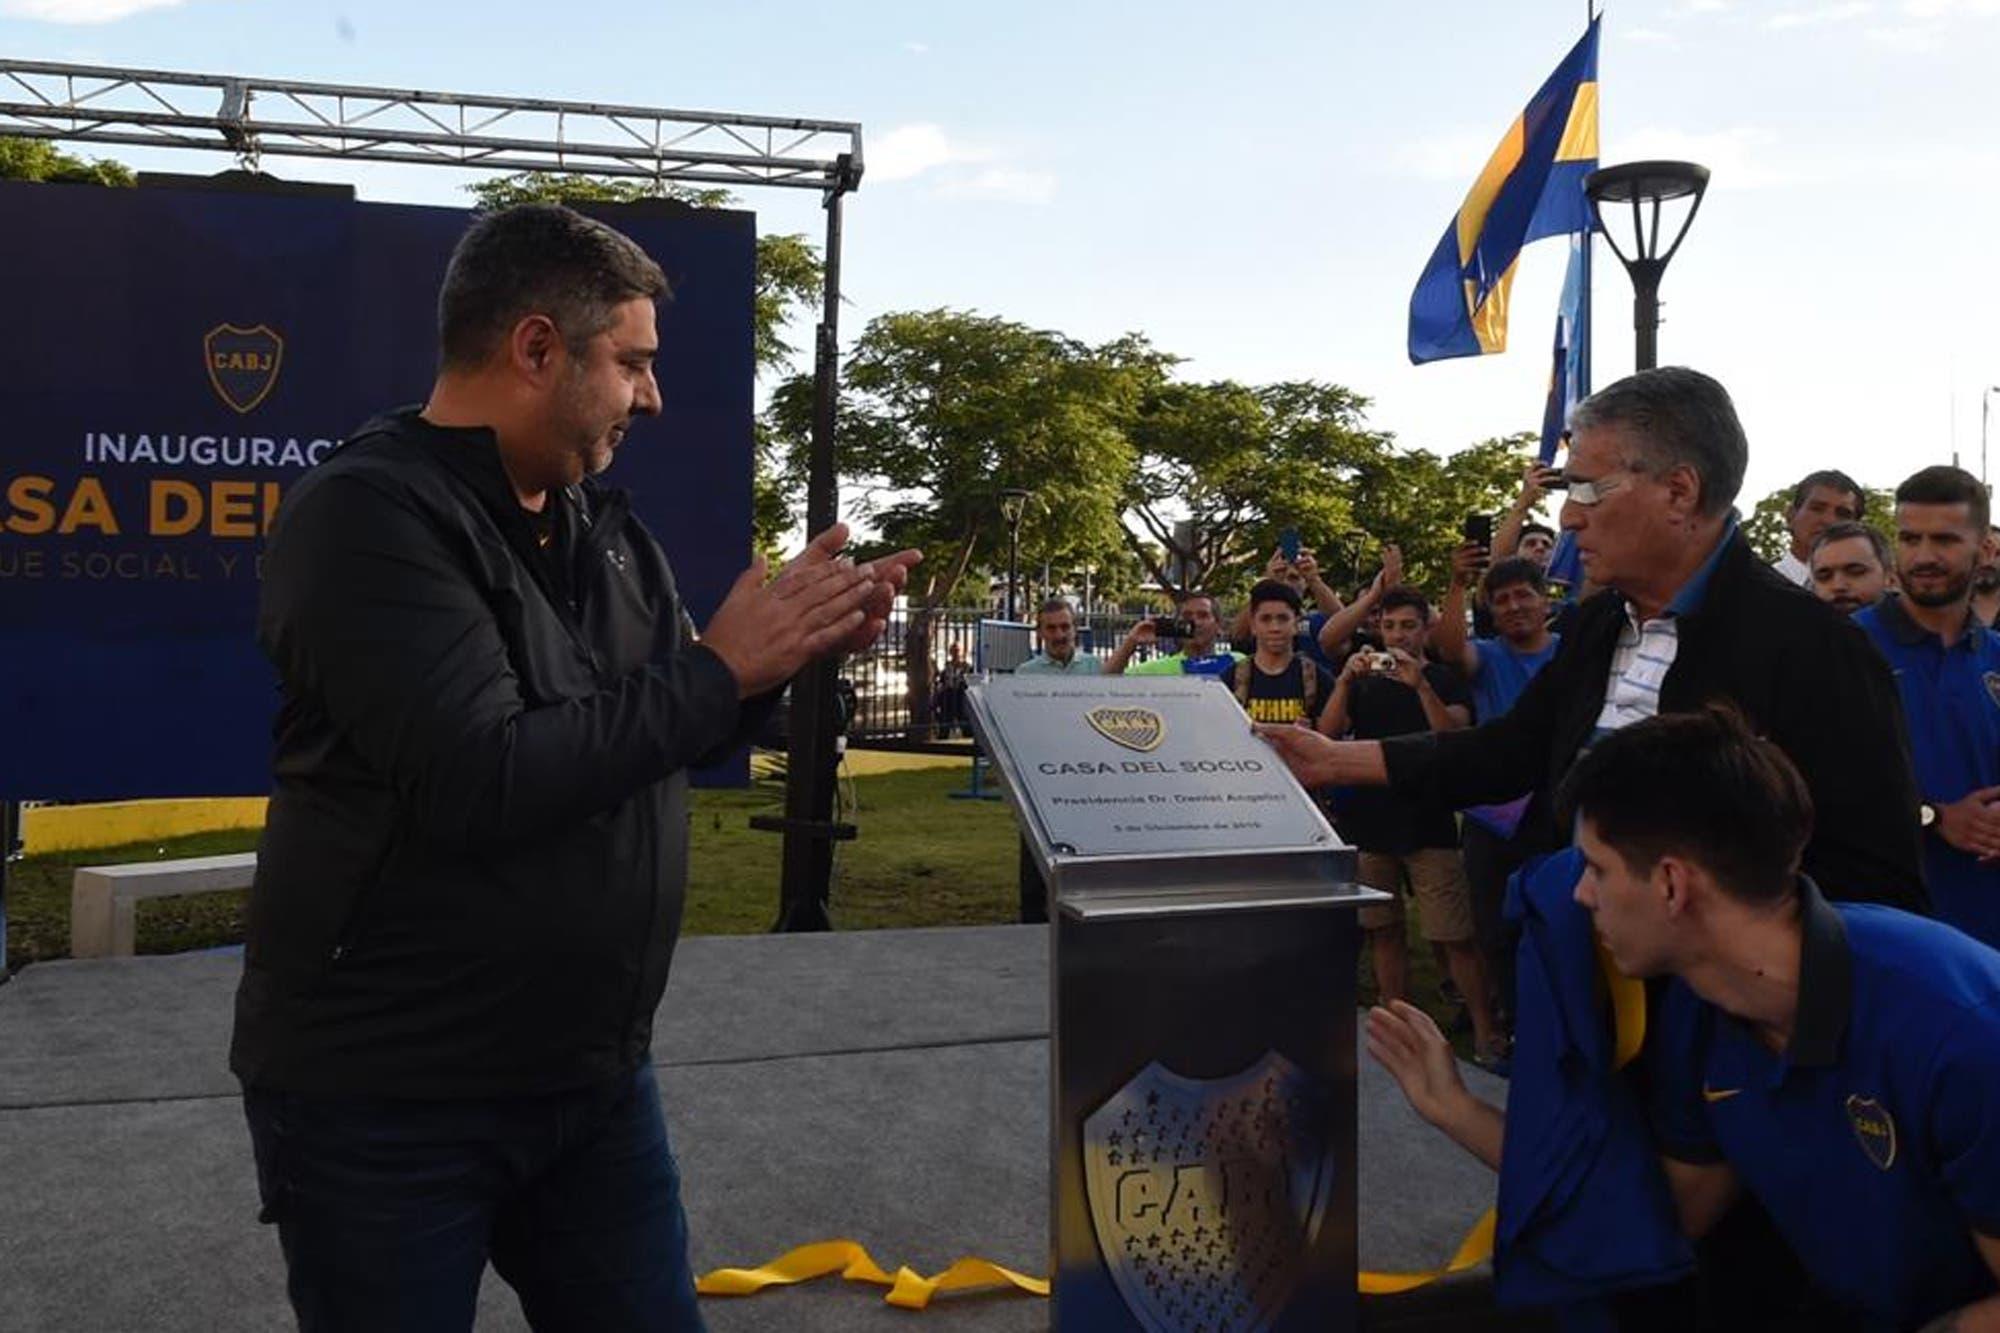 Se inauguró la nueva Casa del Socio en el Parque Social y Deportivo Boca Juniors